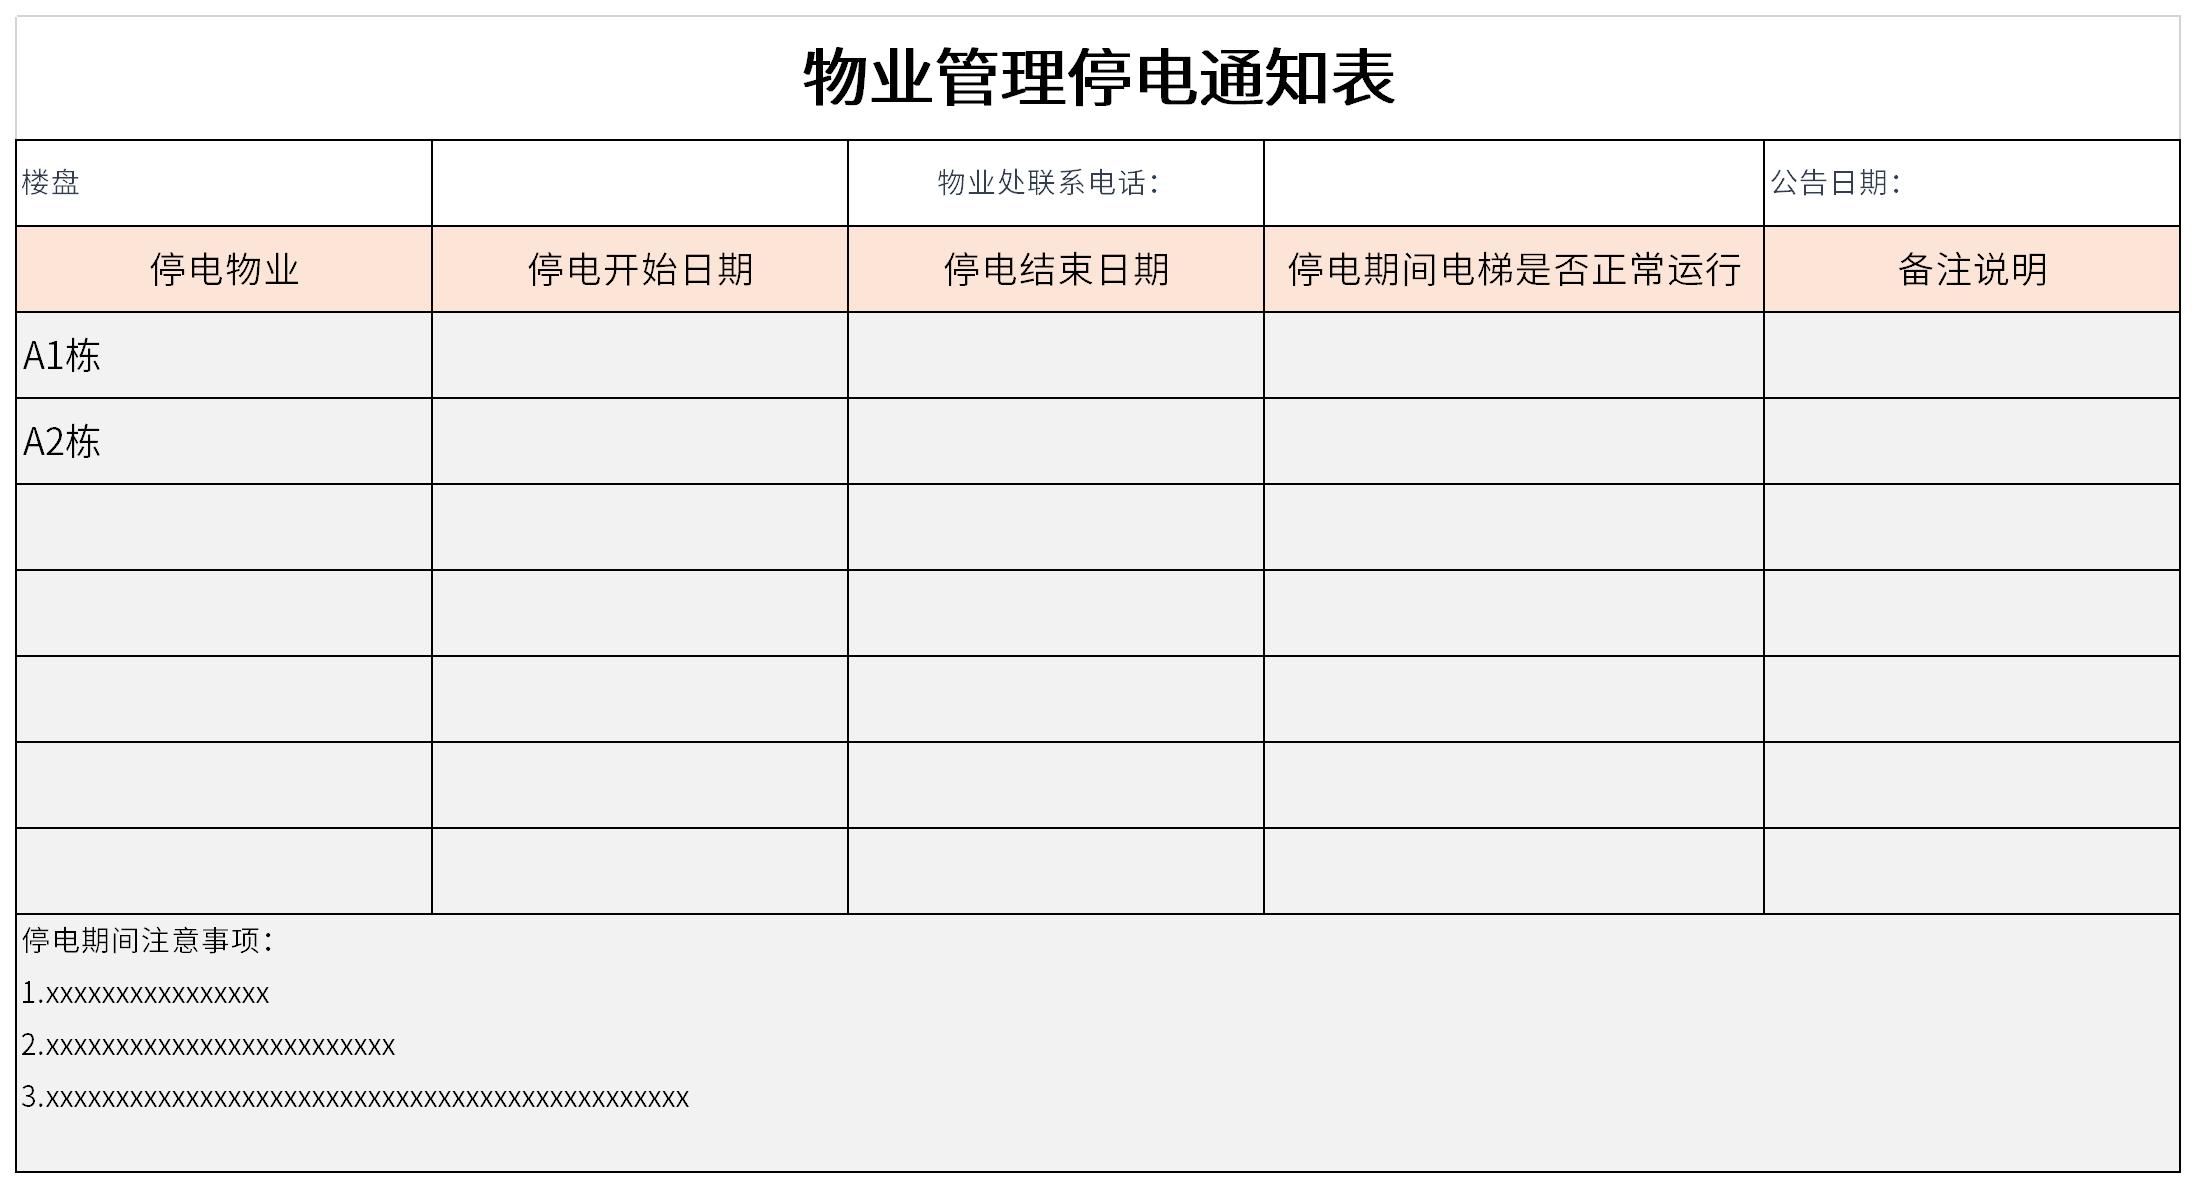 物业管理停电通知表截图